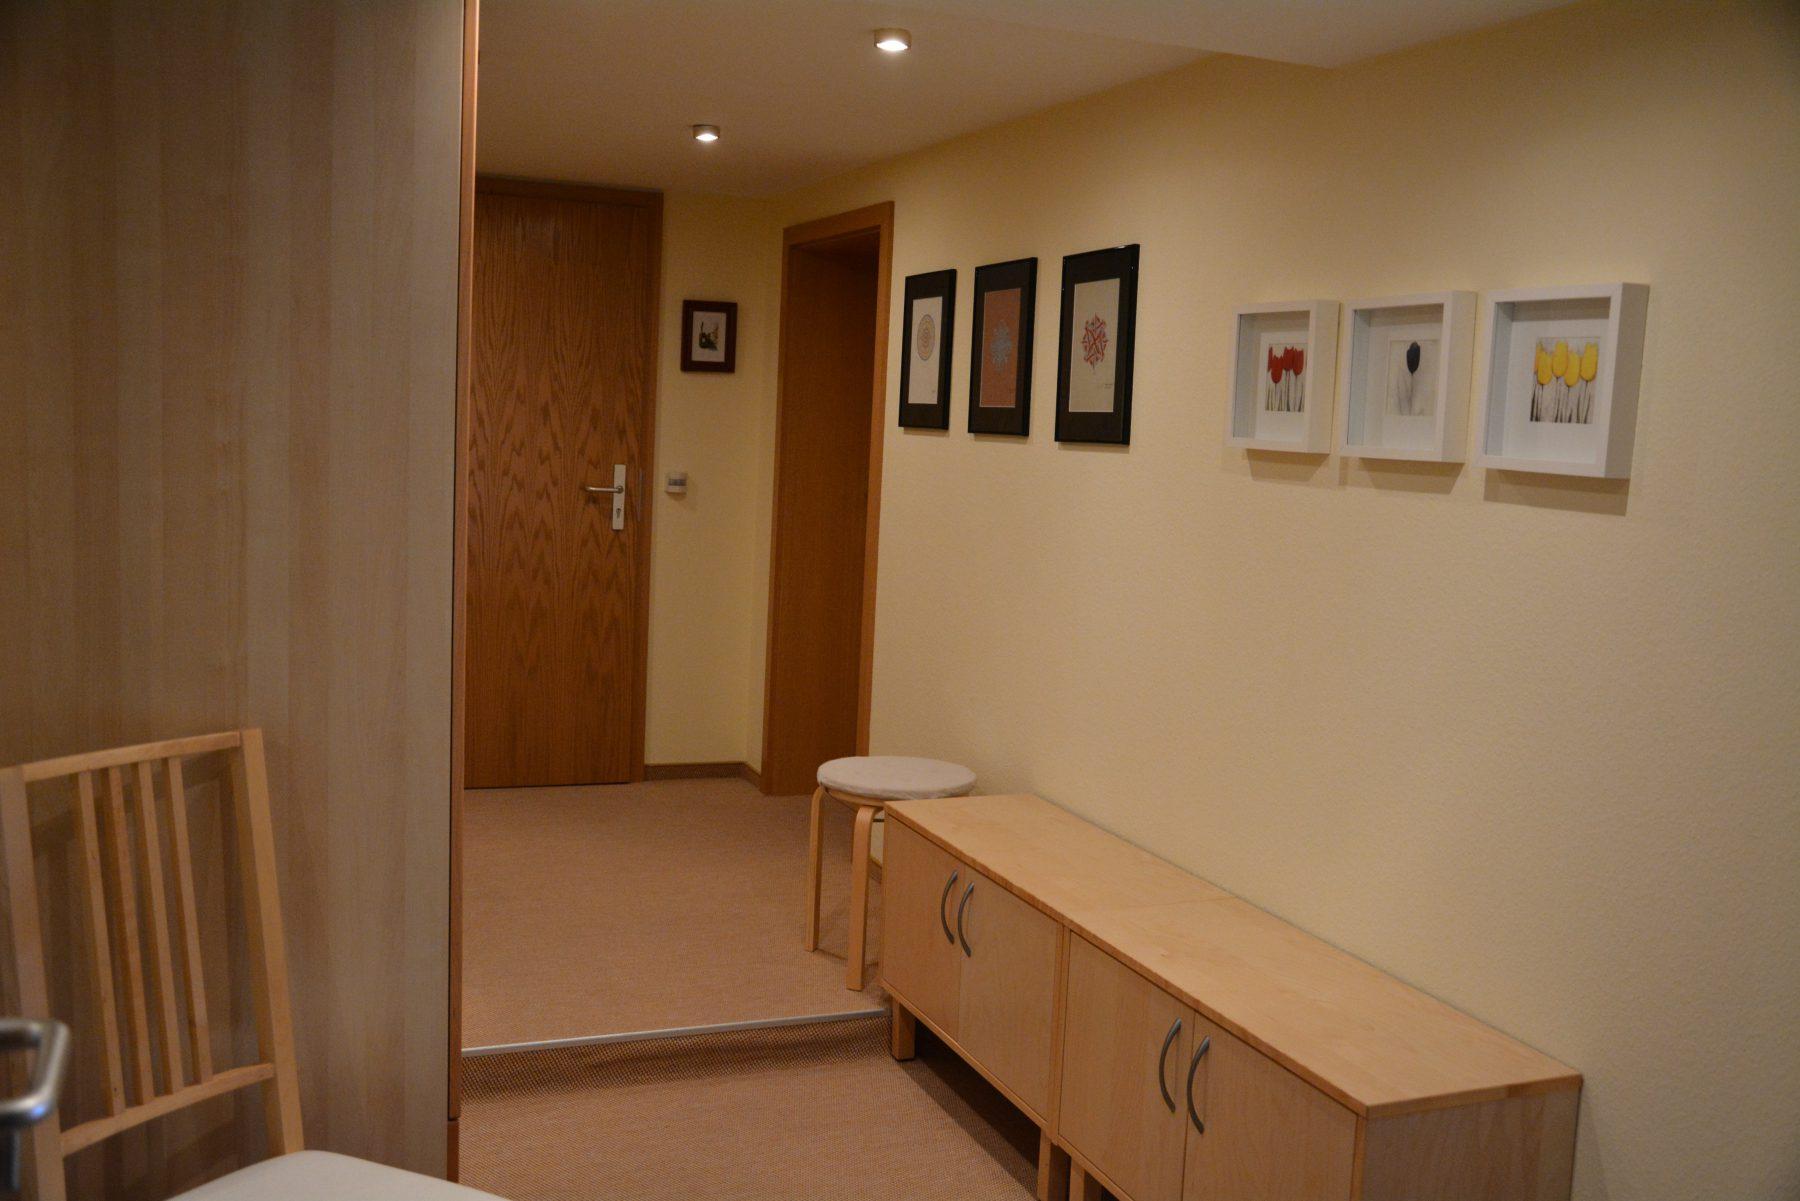 Ferienwohnung im Verlegerhaus Seiffen Kategorie N4 Detail Korridor